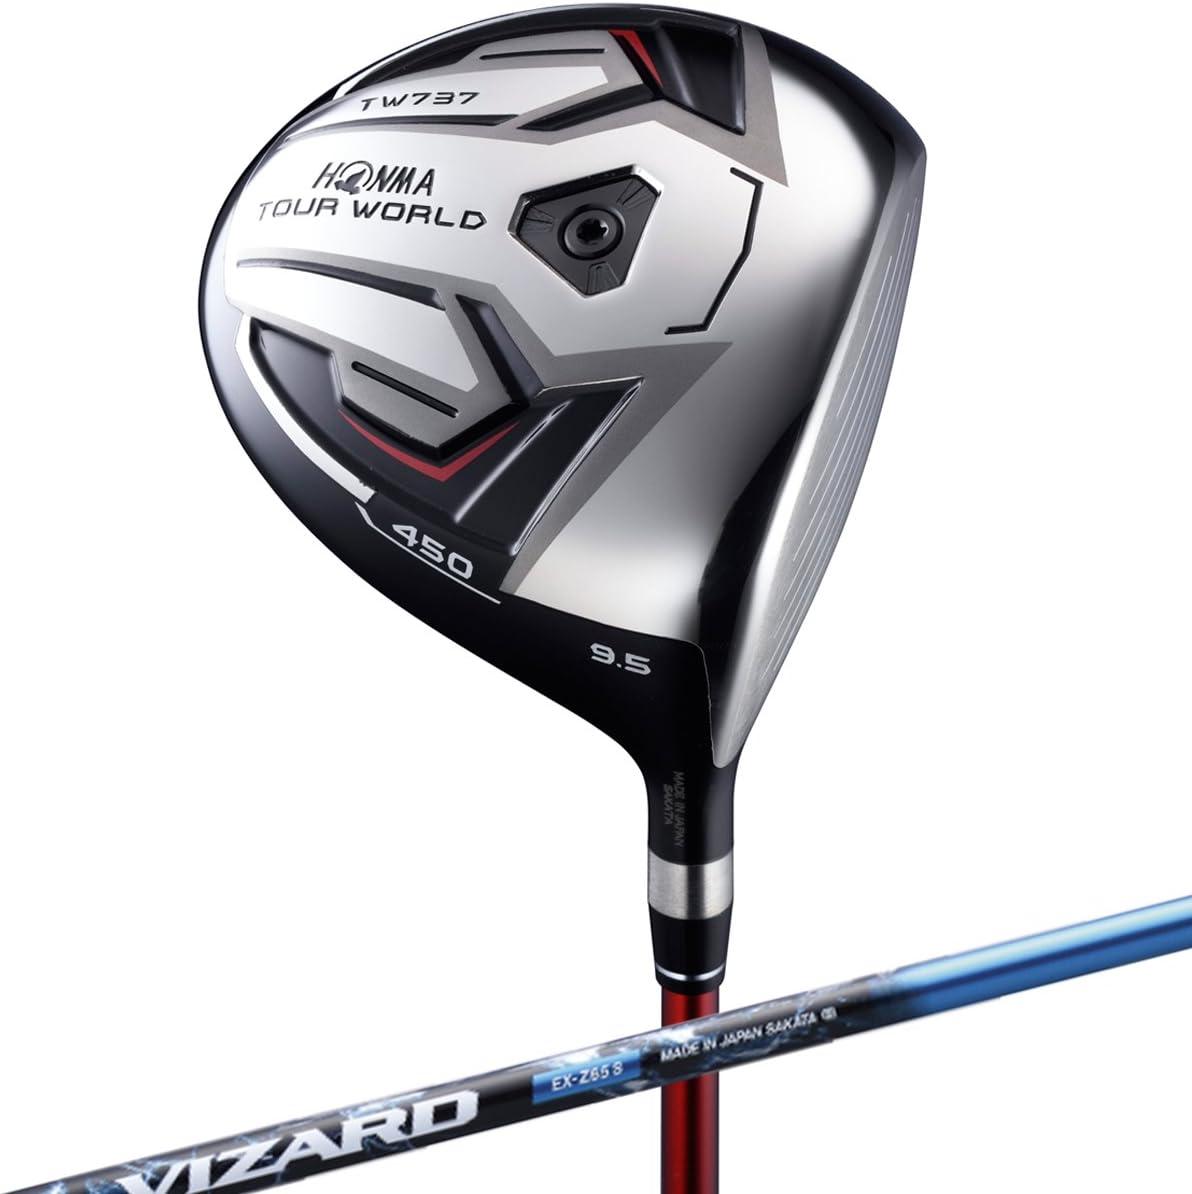 本間ゴルフ ドライバー TOUR WORLD ツアーワールド TW737 450 ドライバー 9.5度 VIZARD EX-Z 65シャフト フレックス:S TW737-450 右 ロフト角:9.5度 番手:1W